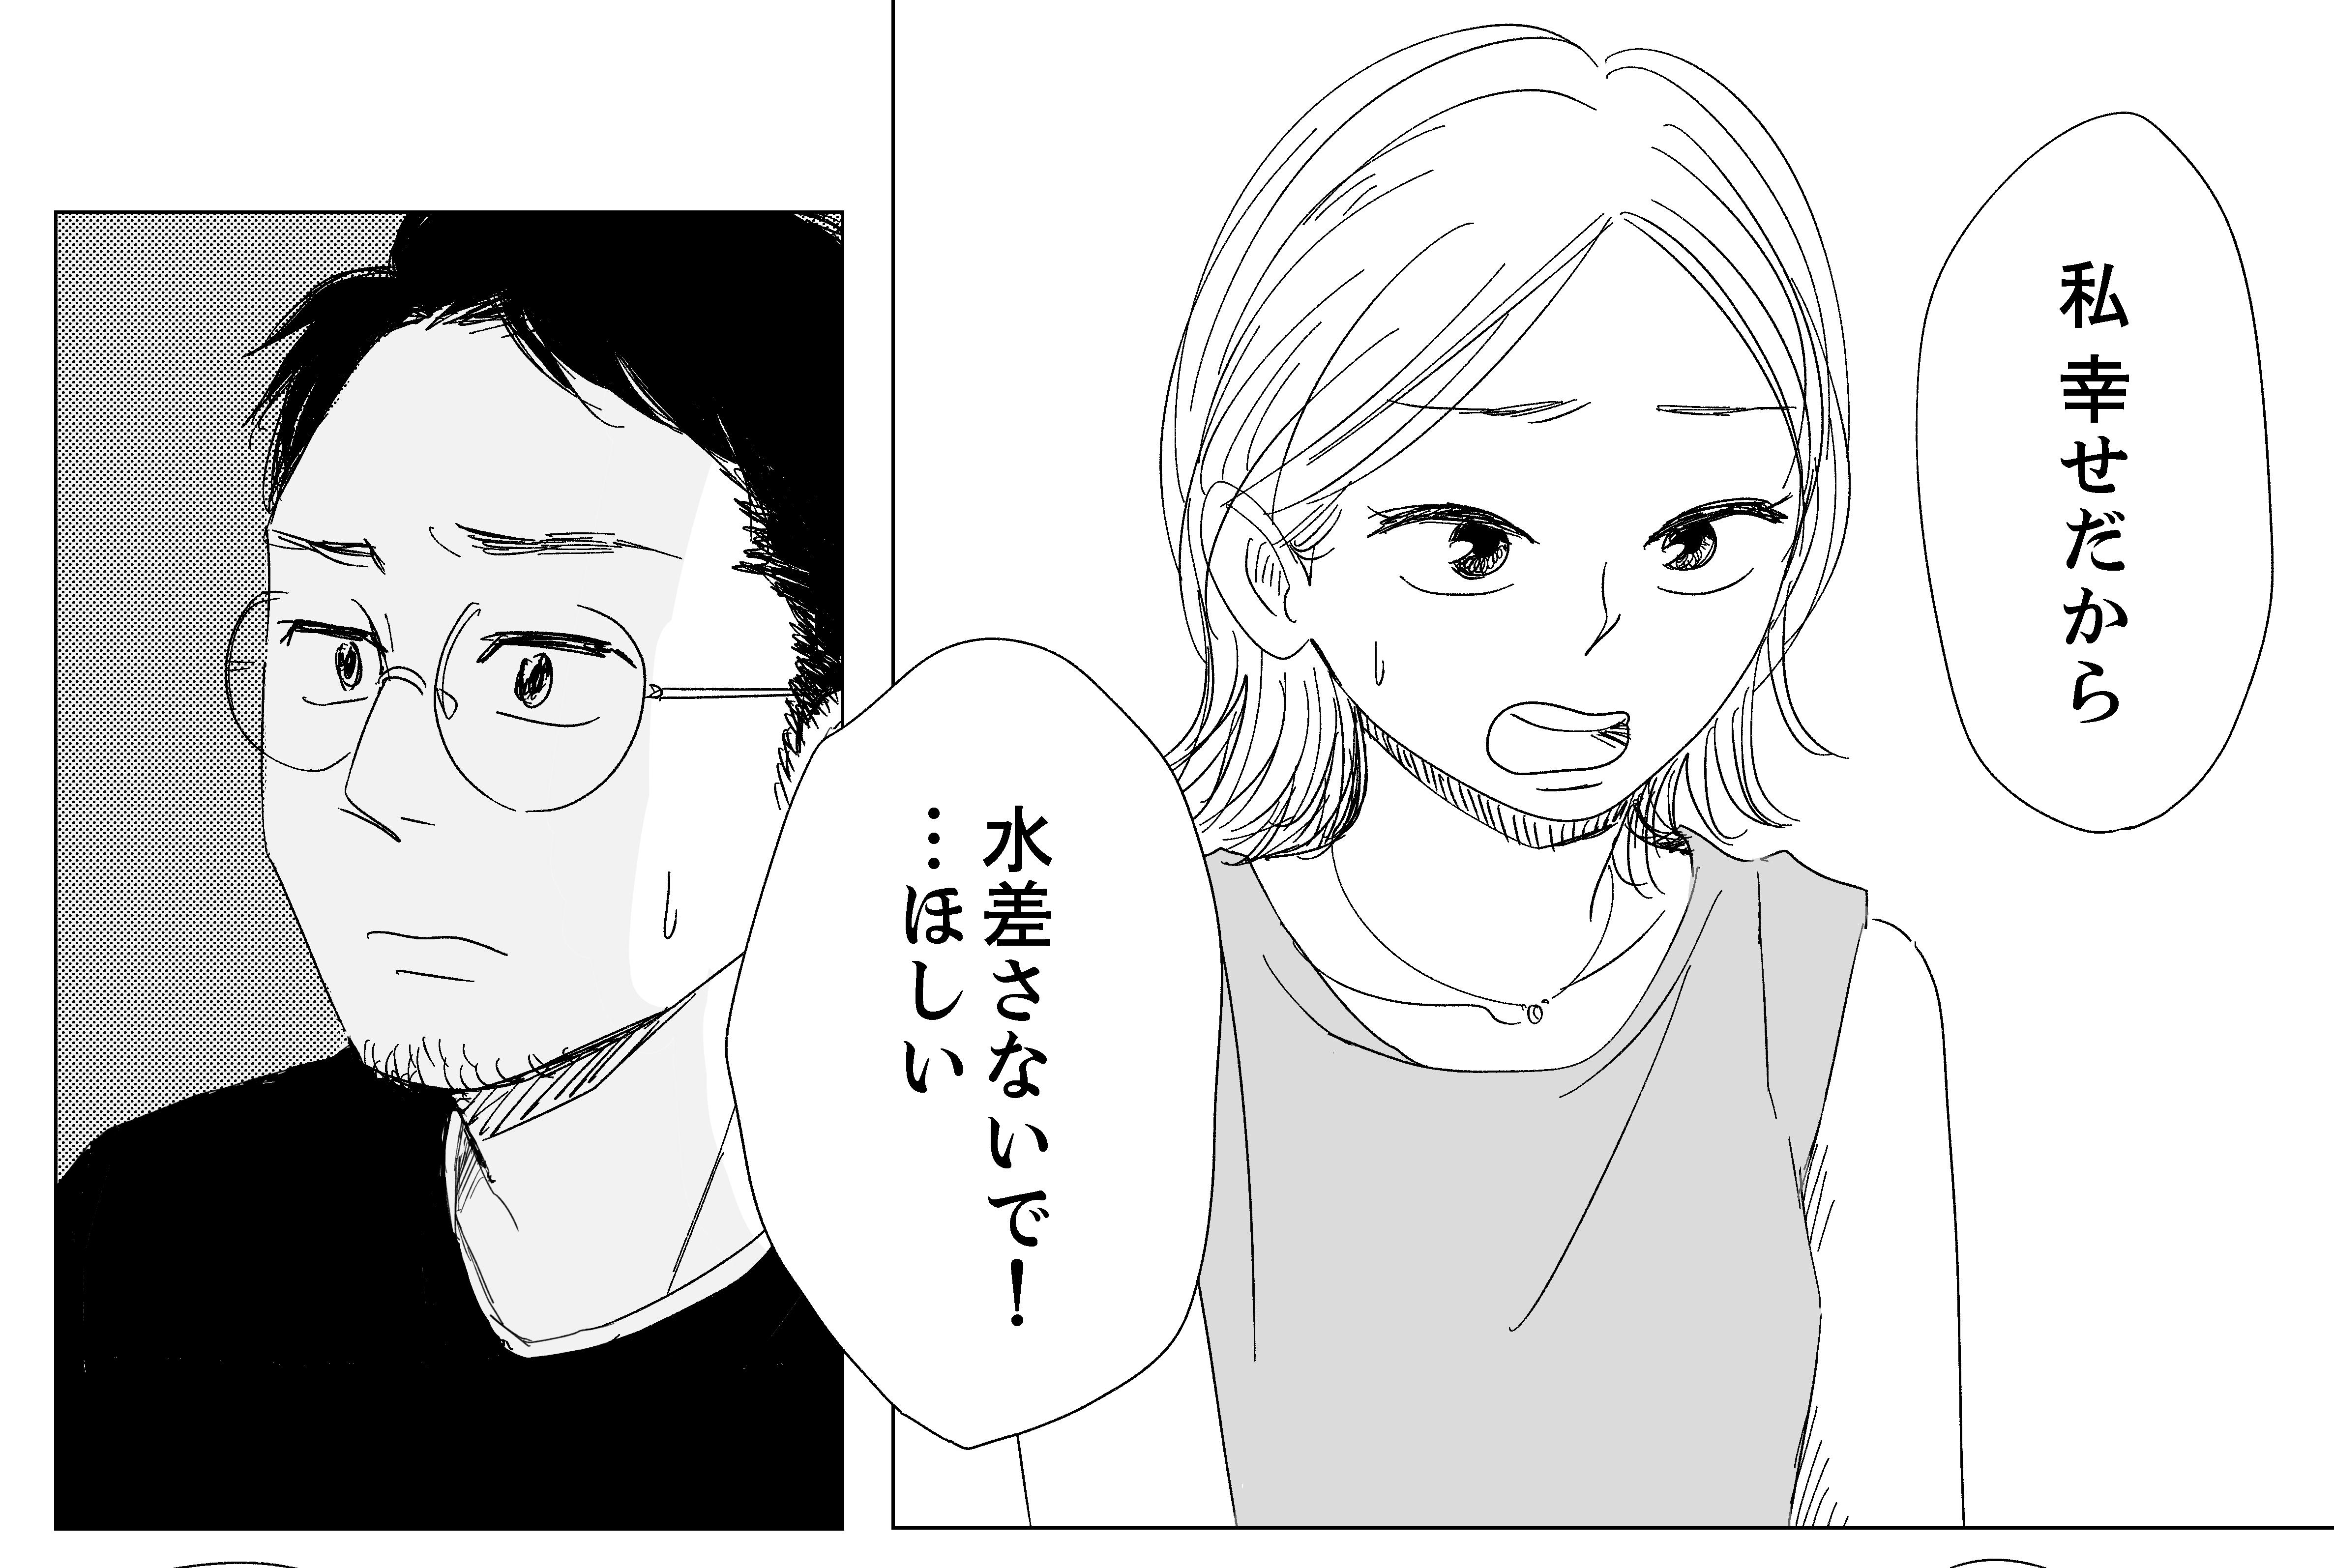 【漫画】自分はレンアイの楽しさ知ってるくせに「ダメだよ」なんてずるい/もしも世界に「レンアイ」がなかったら(10)